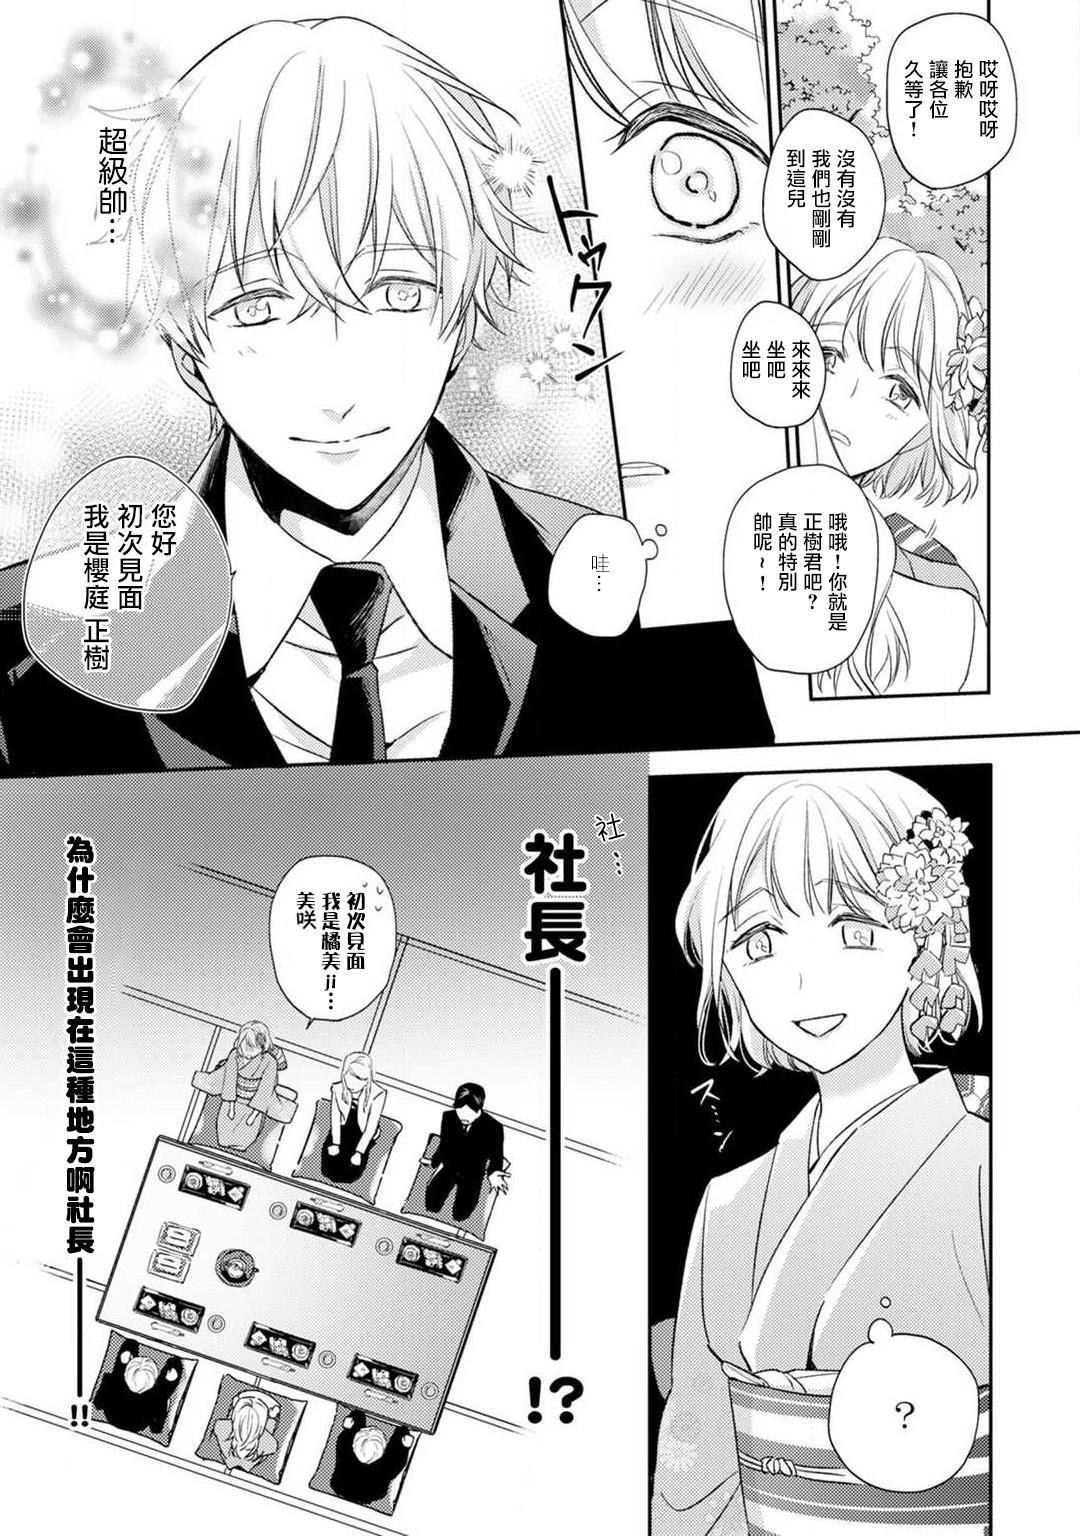 [Shichigatsu Motomi]  Sonna Kao shite, Sasotteru? ~Dekiai Shachou to Migawari Omiaikekkon!?~ 1-7 | 這種表情,在誘惑我嗎?~溺愛社長和替身相親結婚!? act.1 [Chinese] [拾荒者汉化组] 9